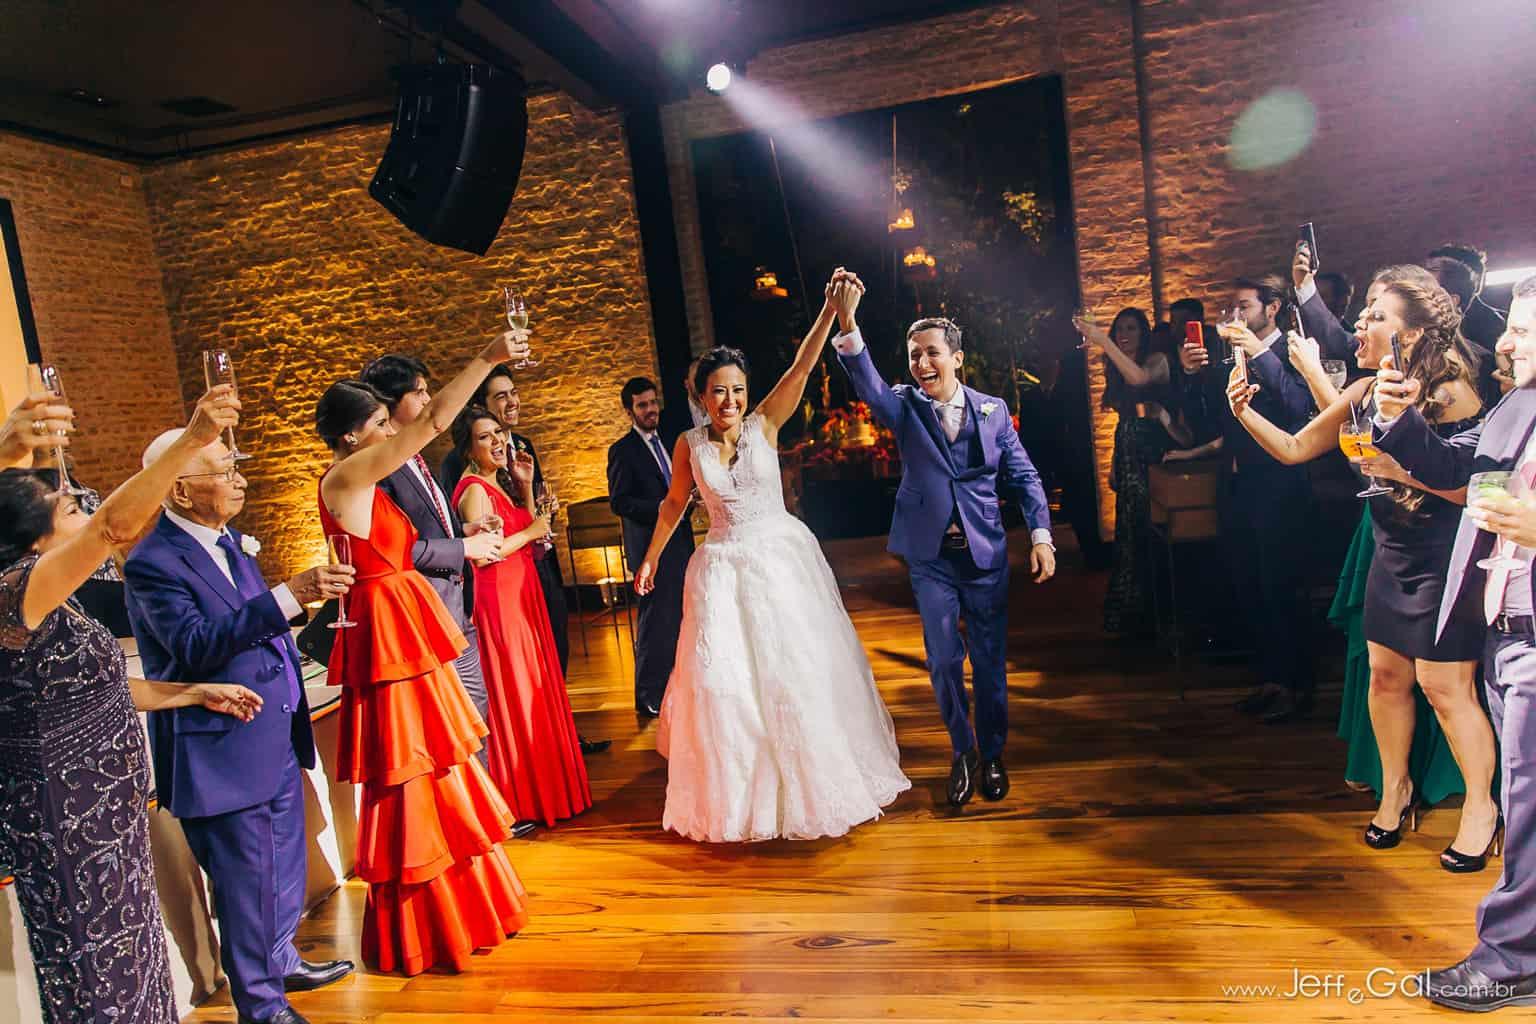 casamento-Beth-e-Daniel-festa-de-casamento55